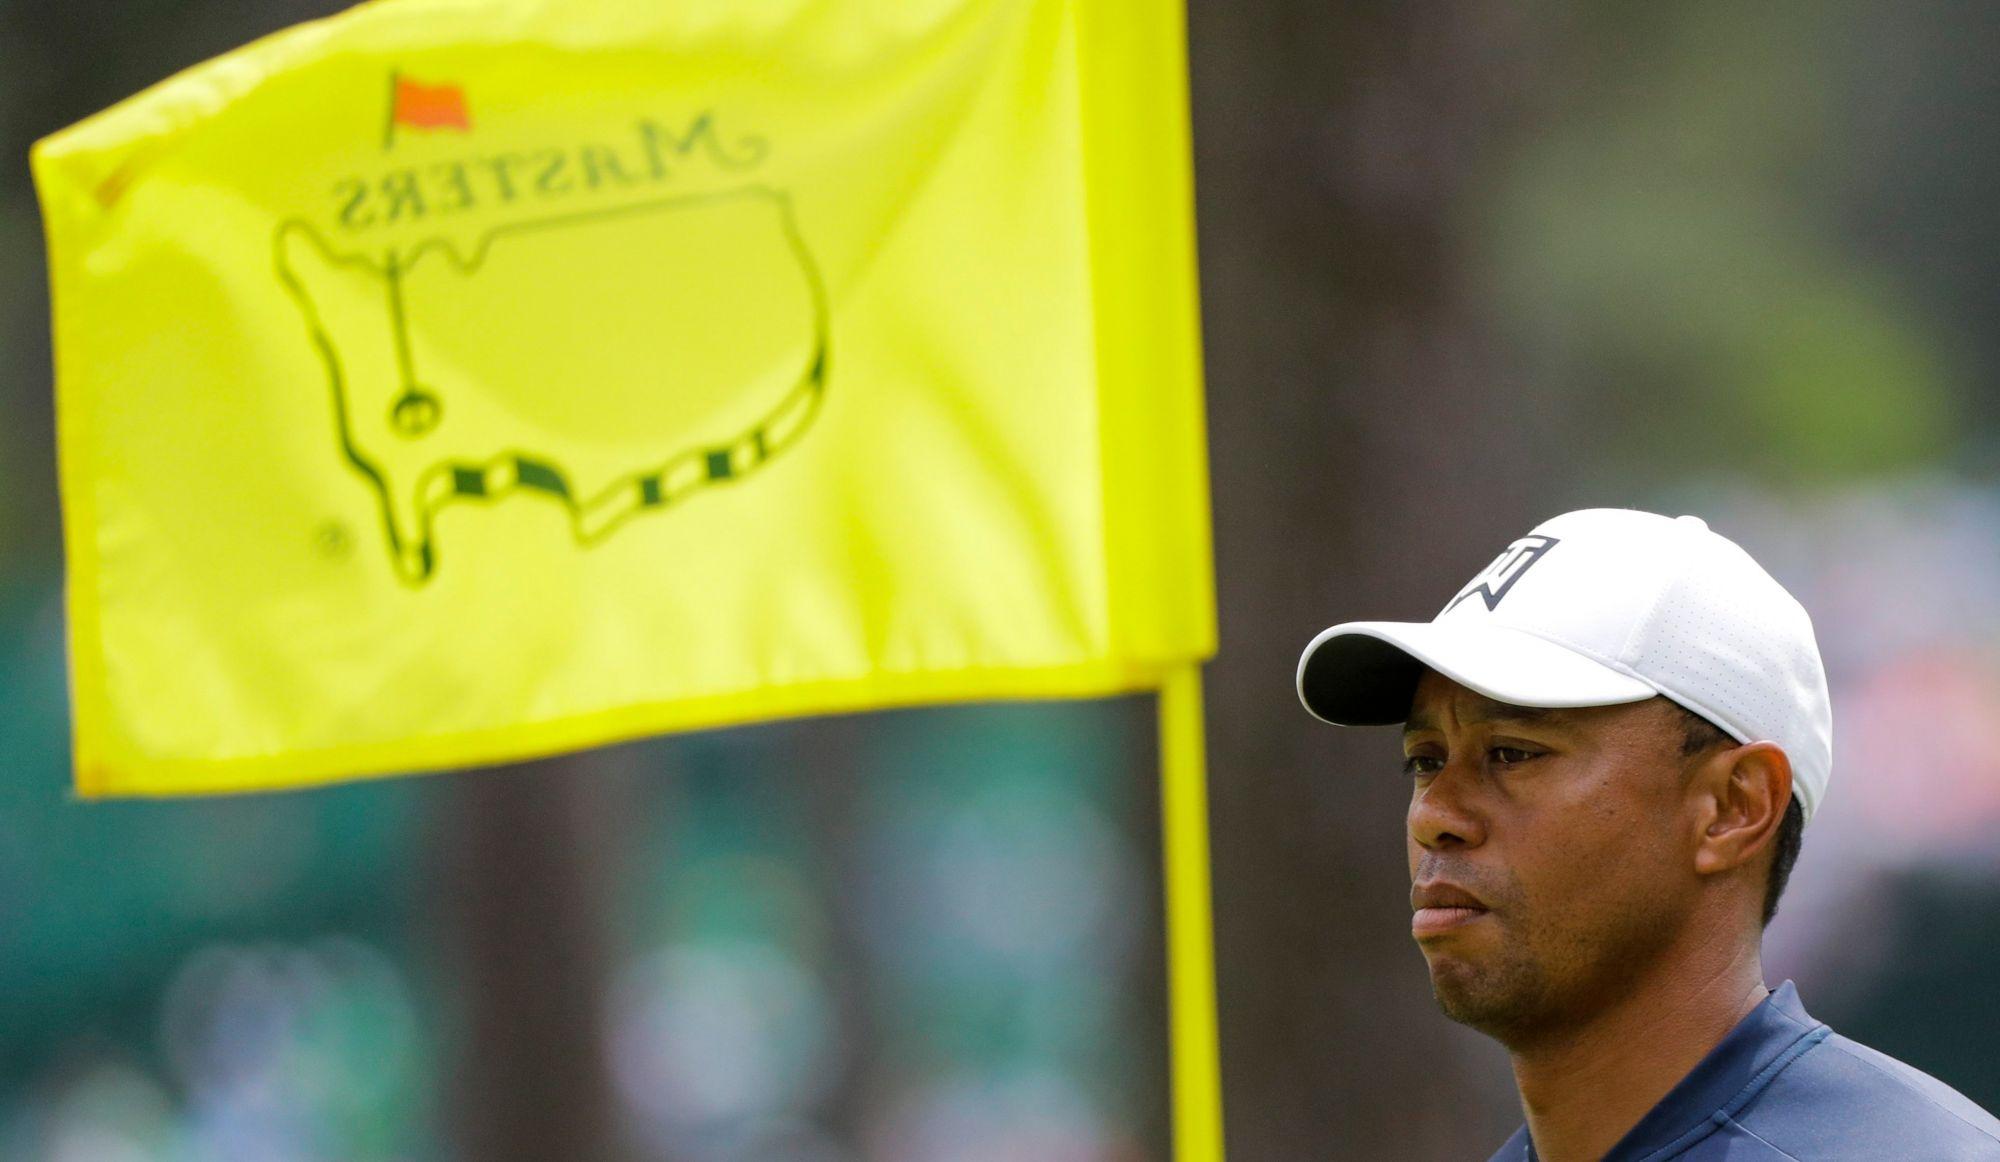 Le retour de Tiger Woods survolte les amateurs et professionnels